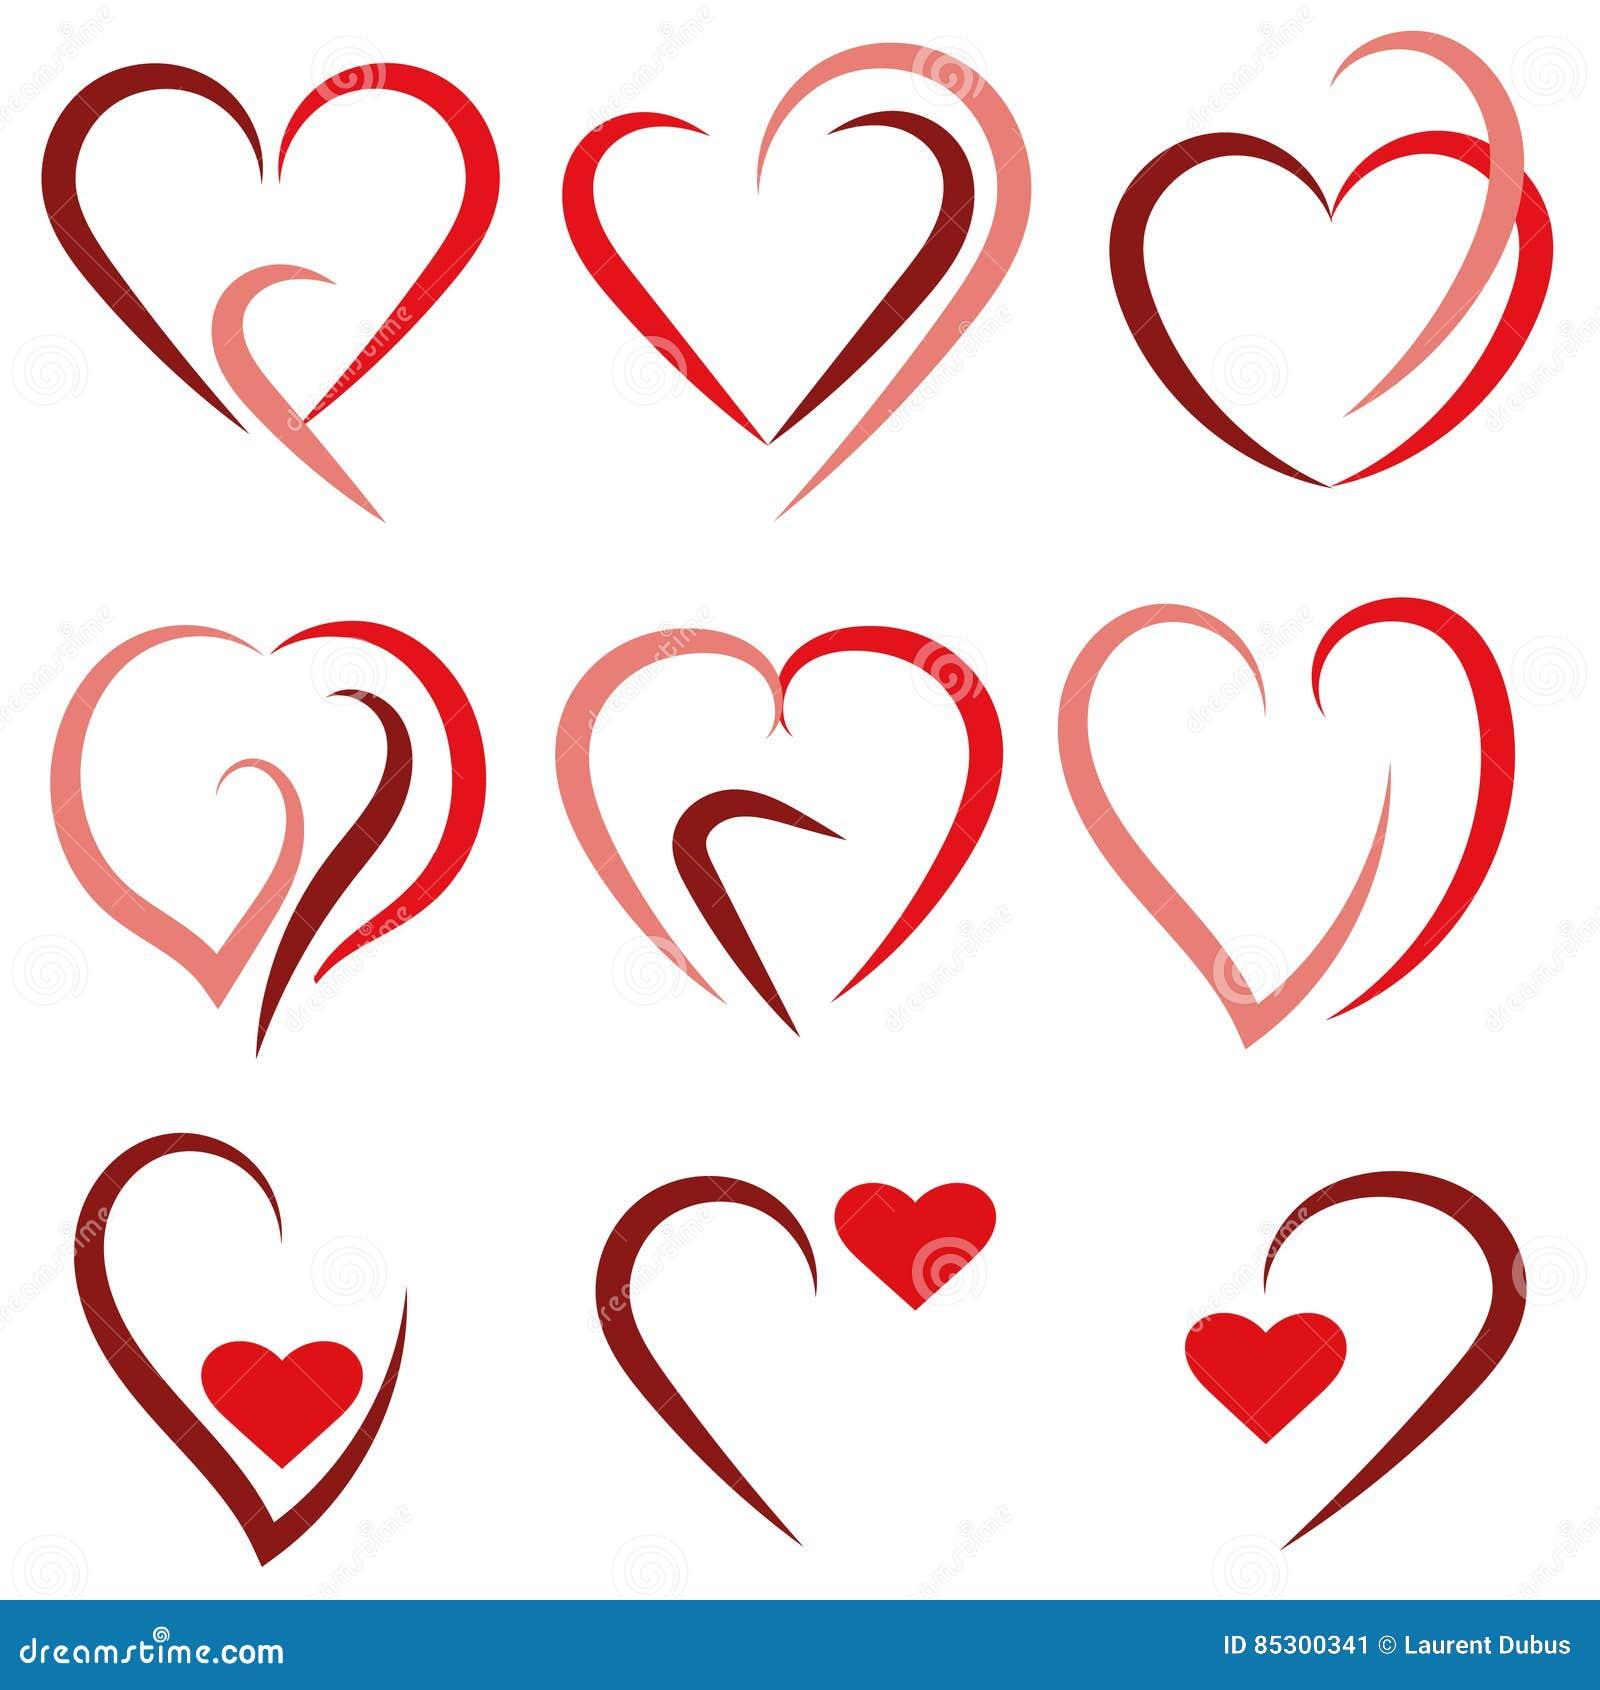 Καθορισμένο λογότυπο καρδιών - διάνυσμα